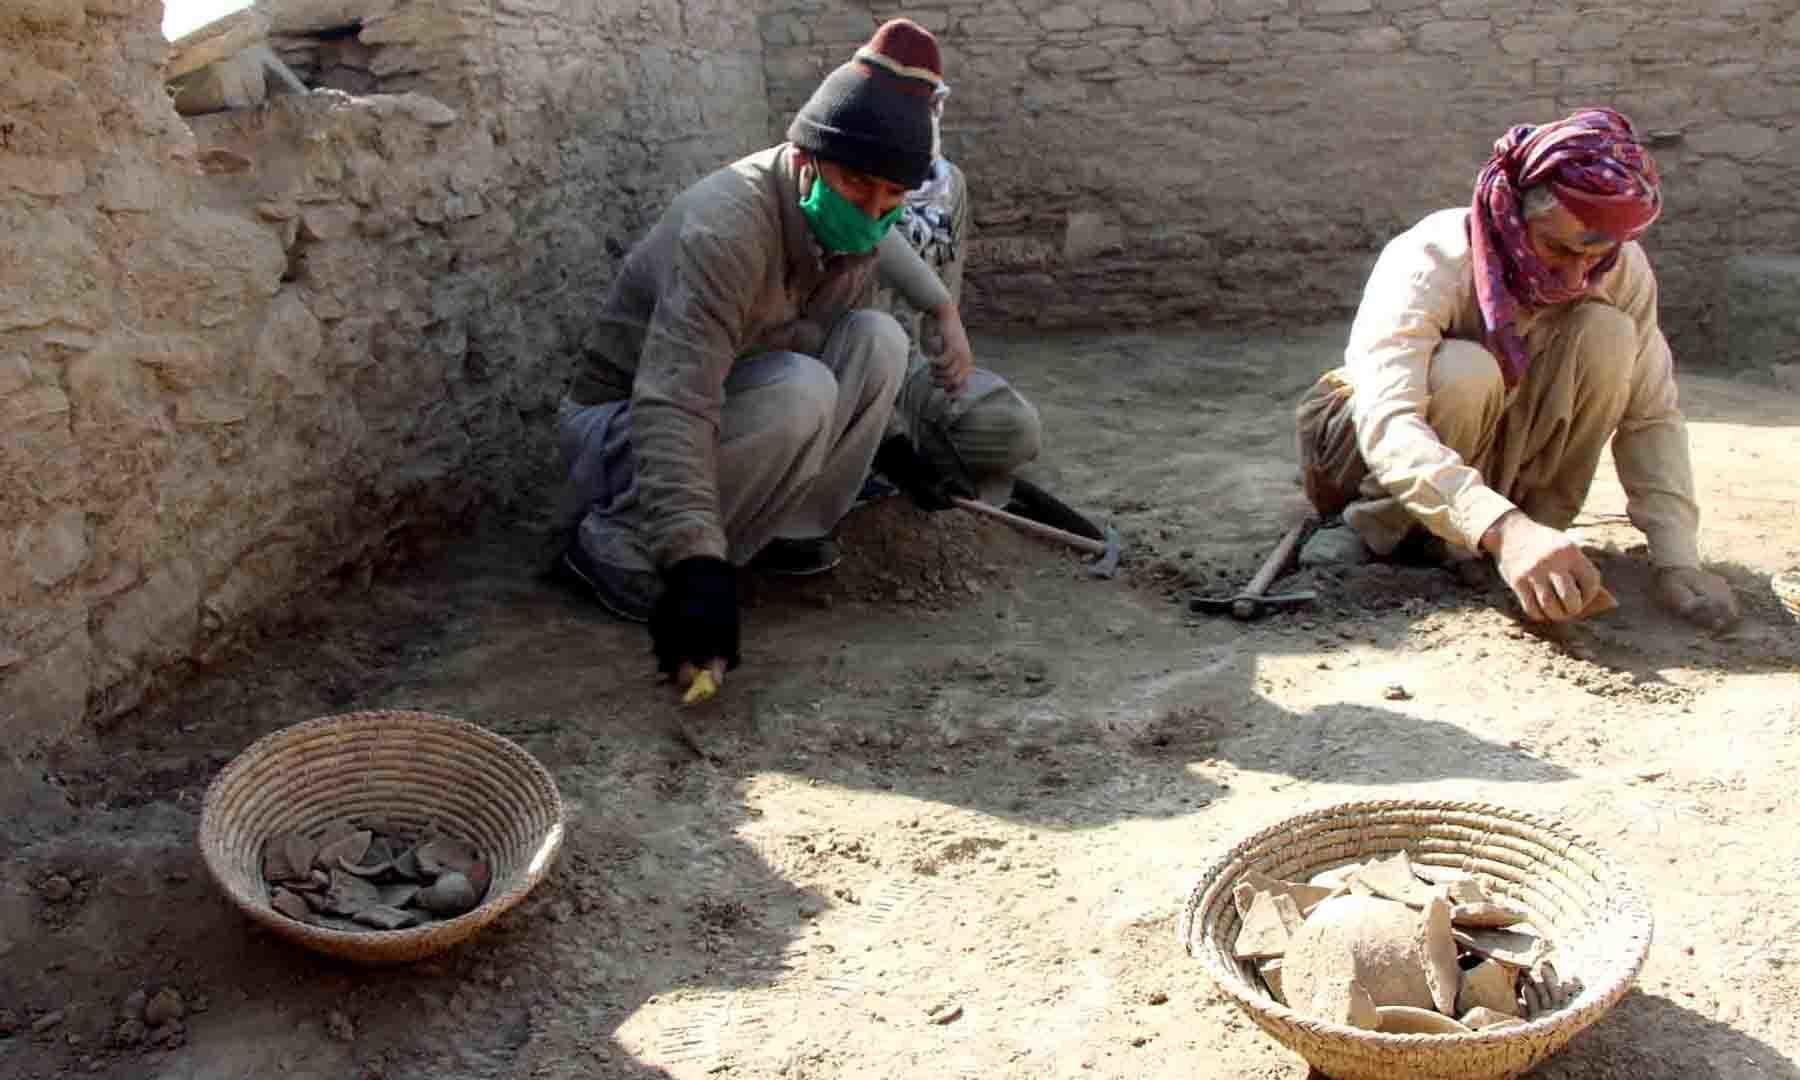 آثارِ قدیمہ کی کھدائی میں مہارت رکھنے والے علاقائی مزدور مصروفِ عمل ہیں